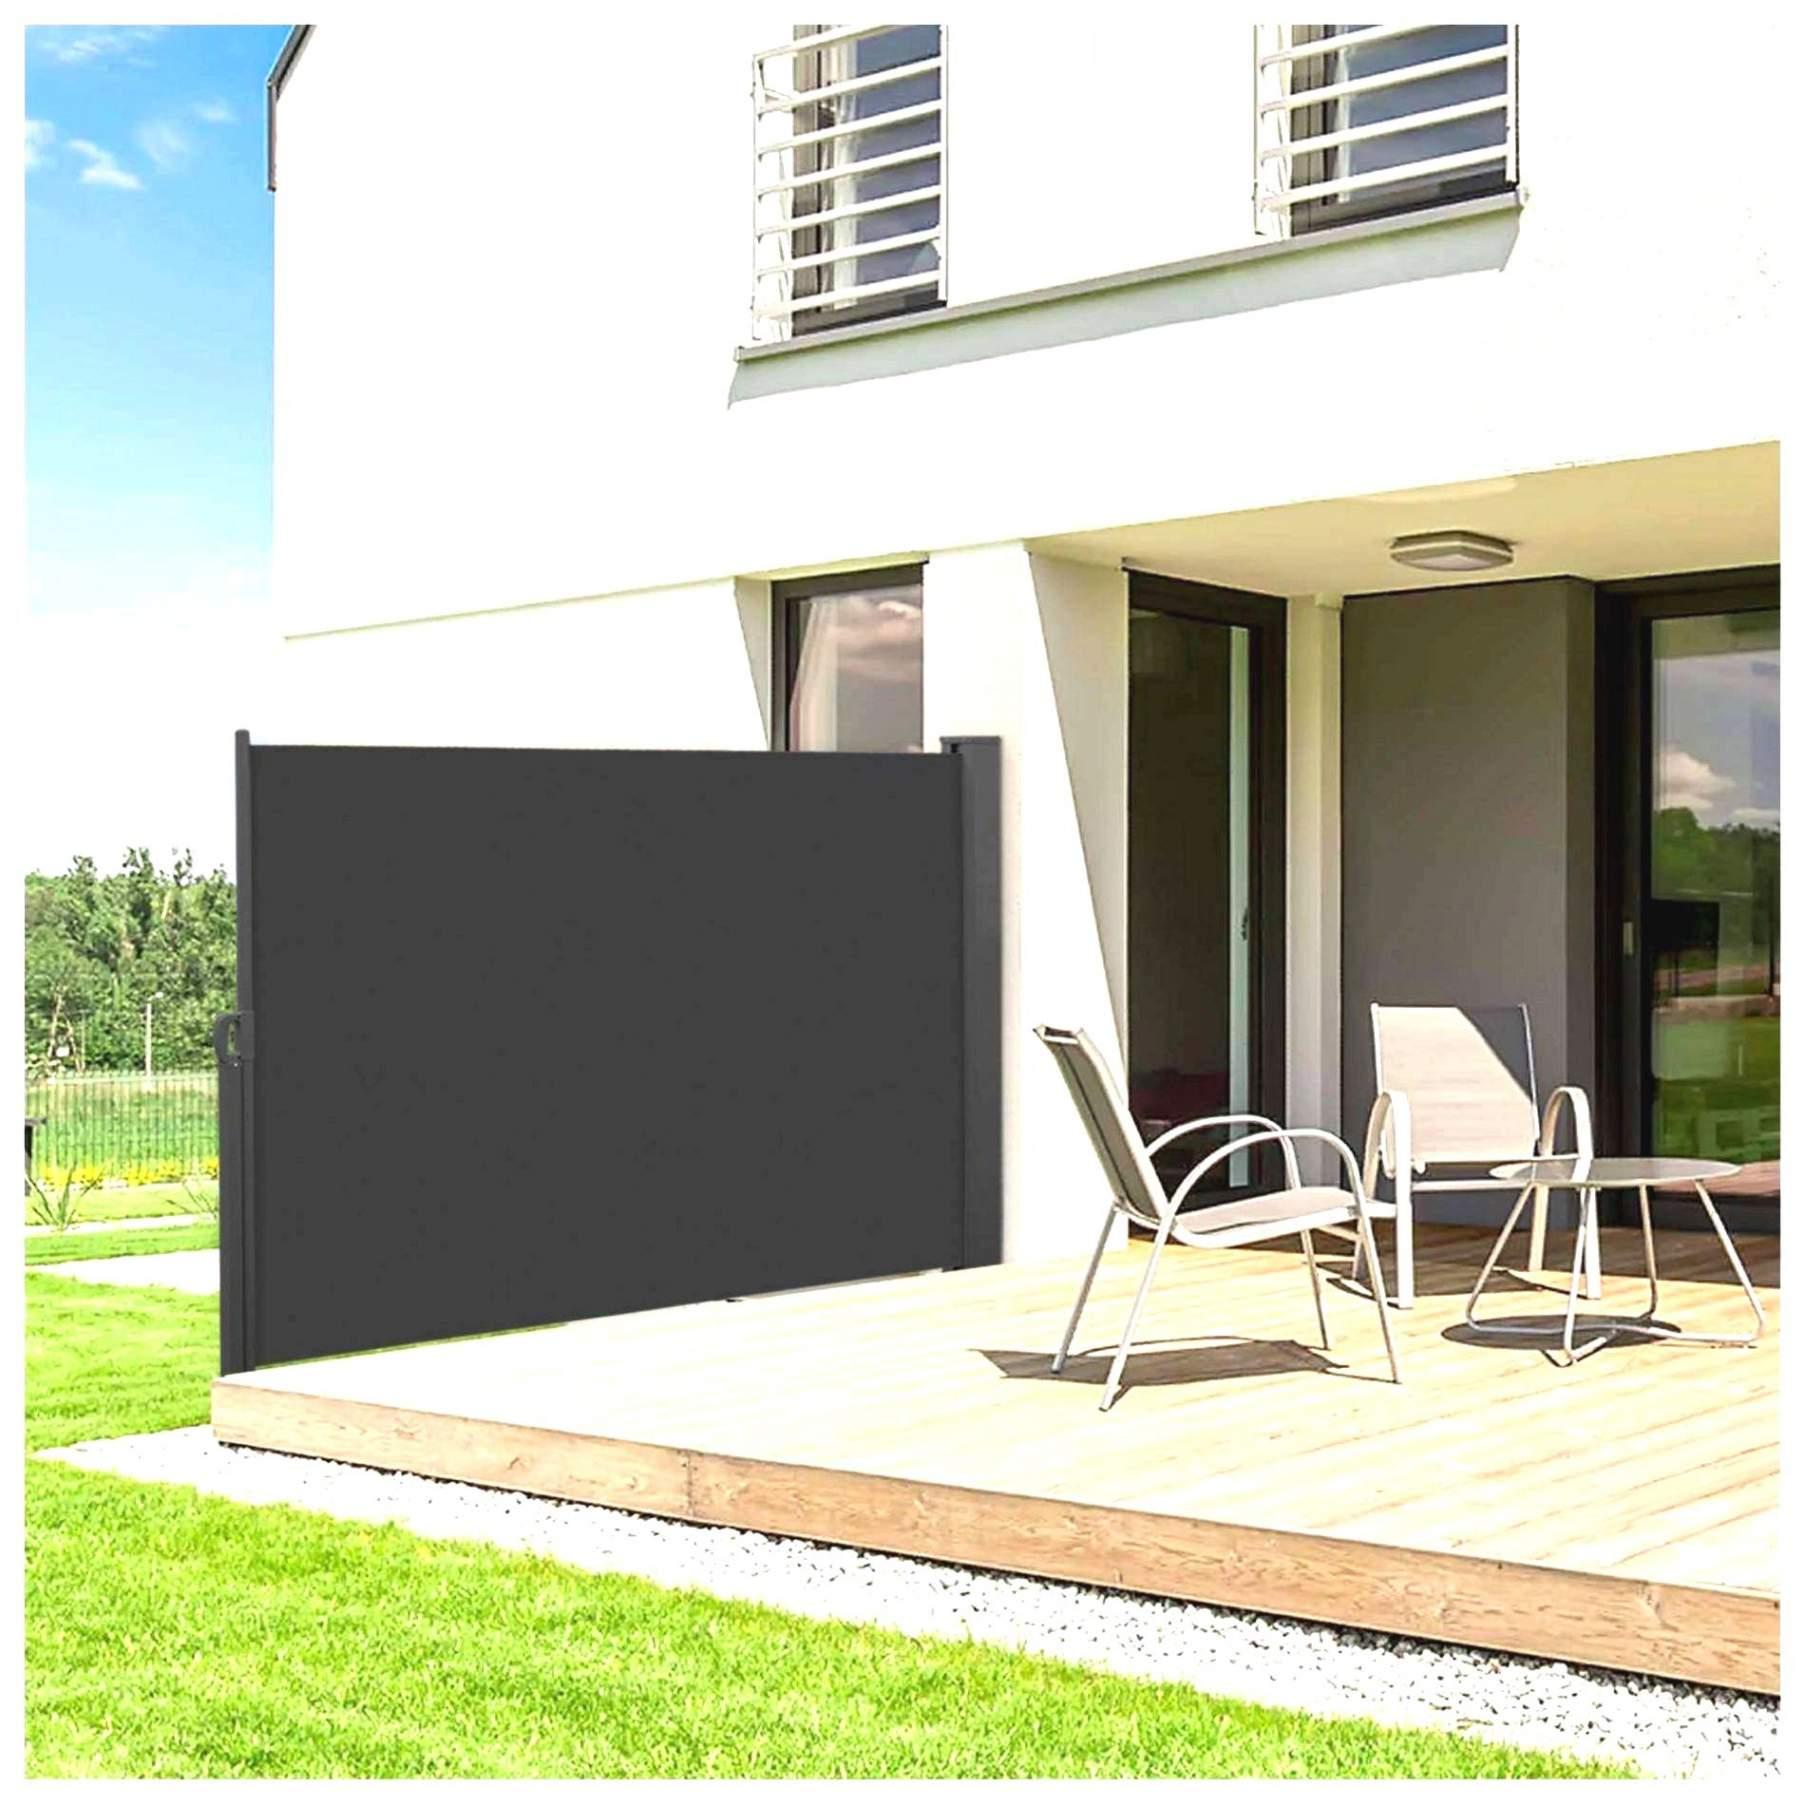 Holz Wohnen Garten Elegant Gartengestaltung Mit Holz Und Stein Temobardz Home Blog Garten Anlegen